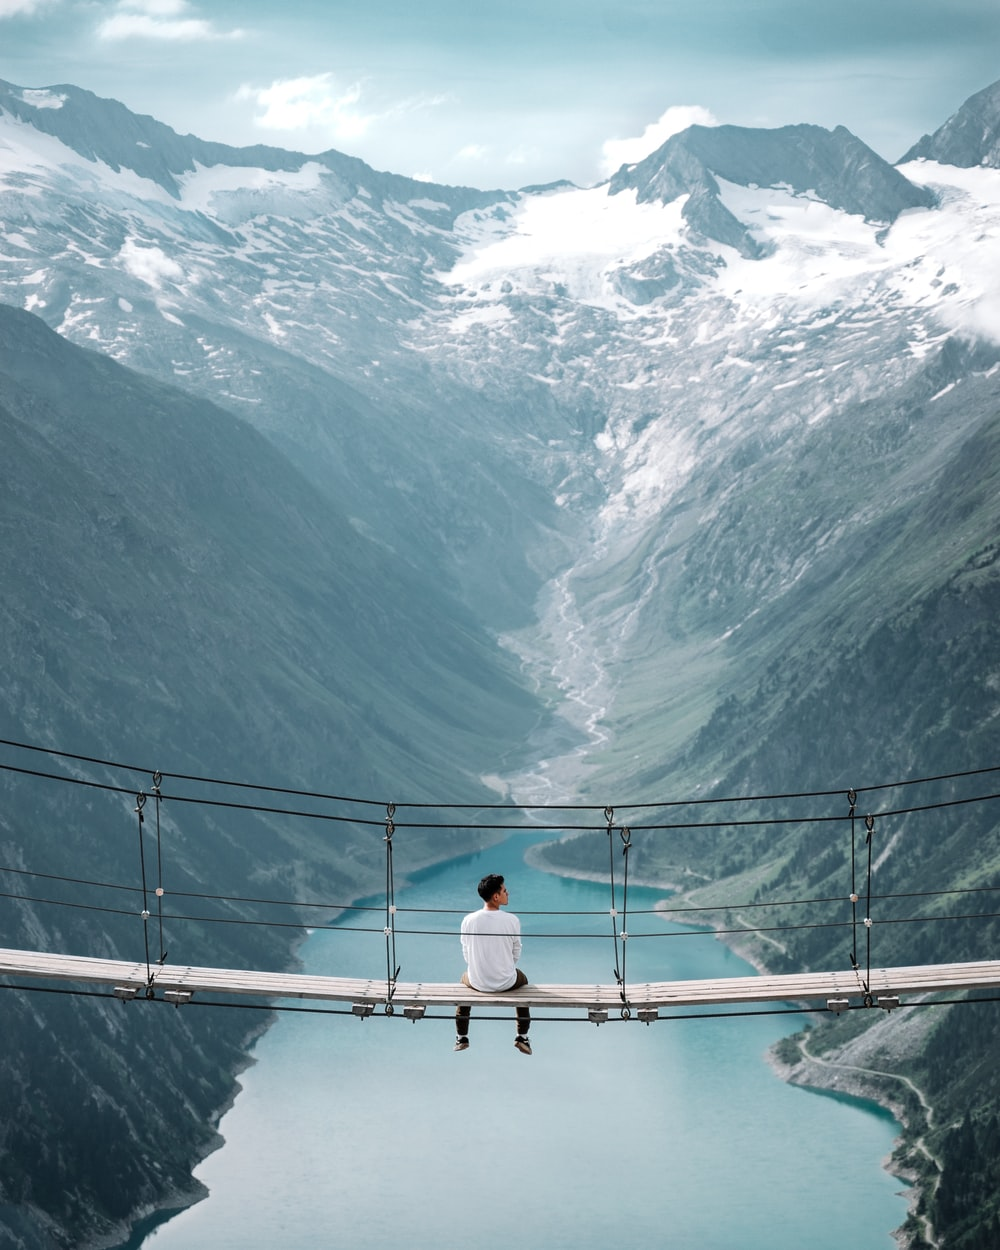 man wearing white shirt siting on bridge overlooking at mountain